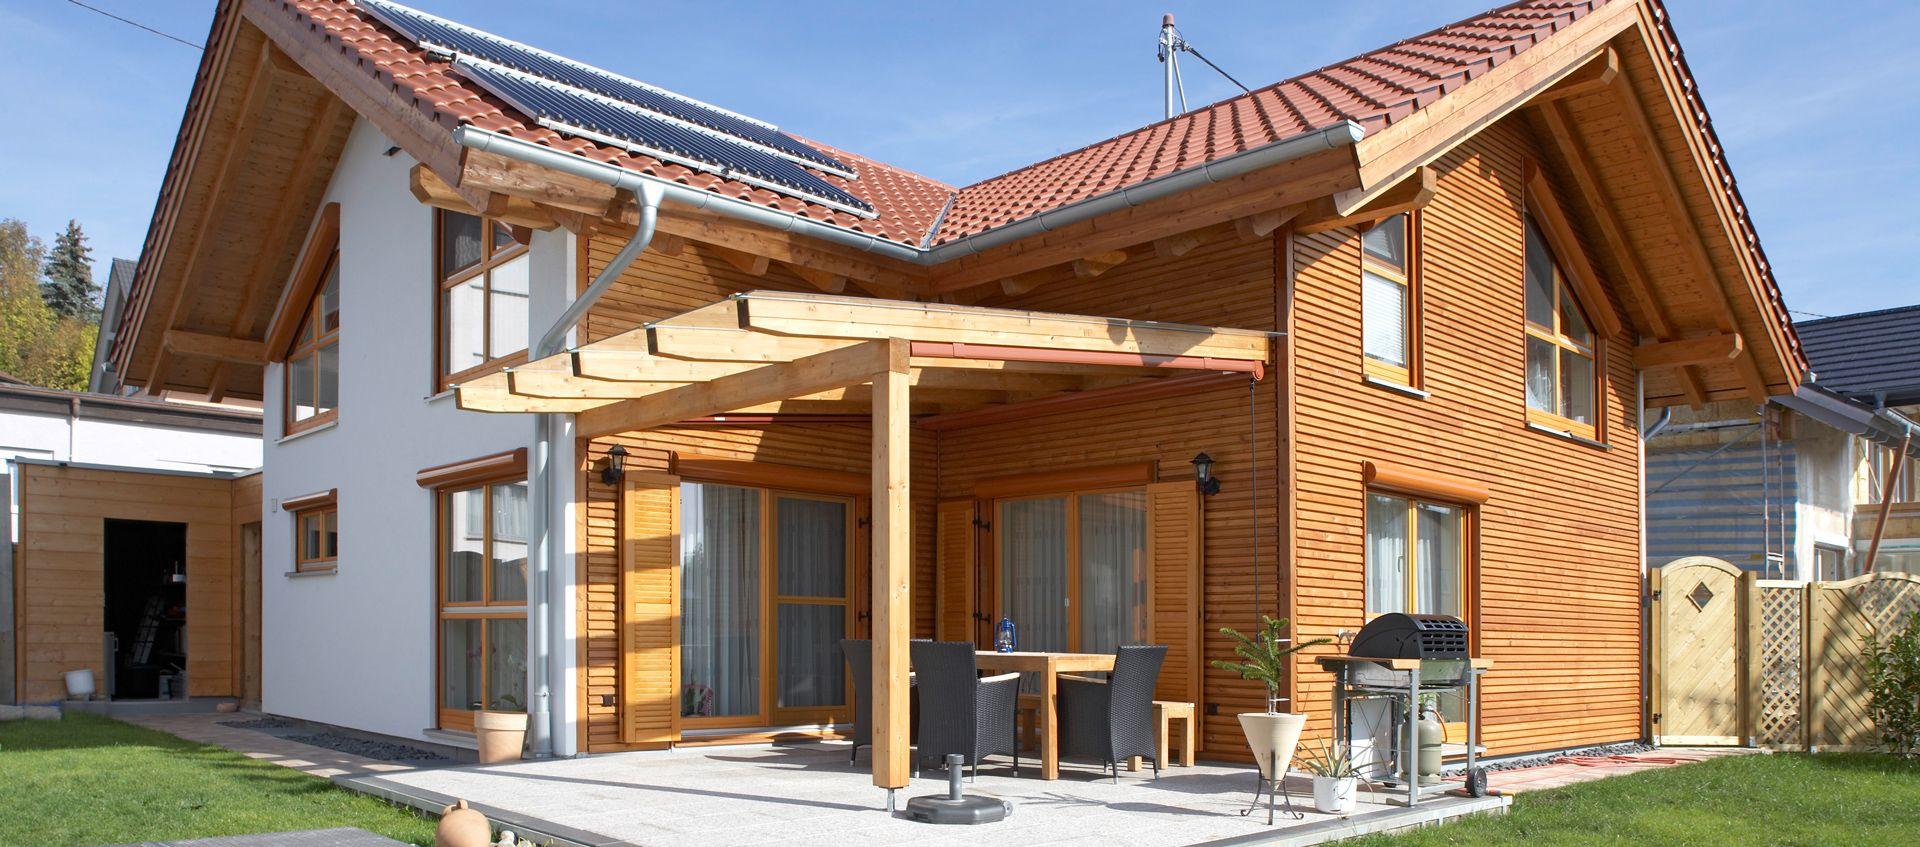 Modernes Holzhaus gebaut mit der Holzmauer, teilweise verputzt